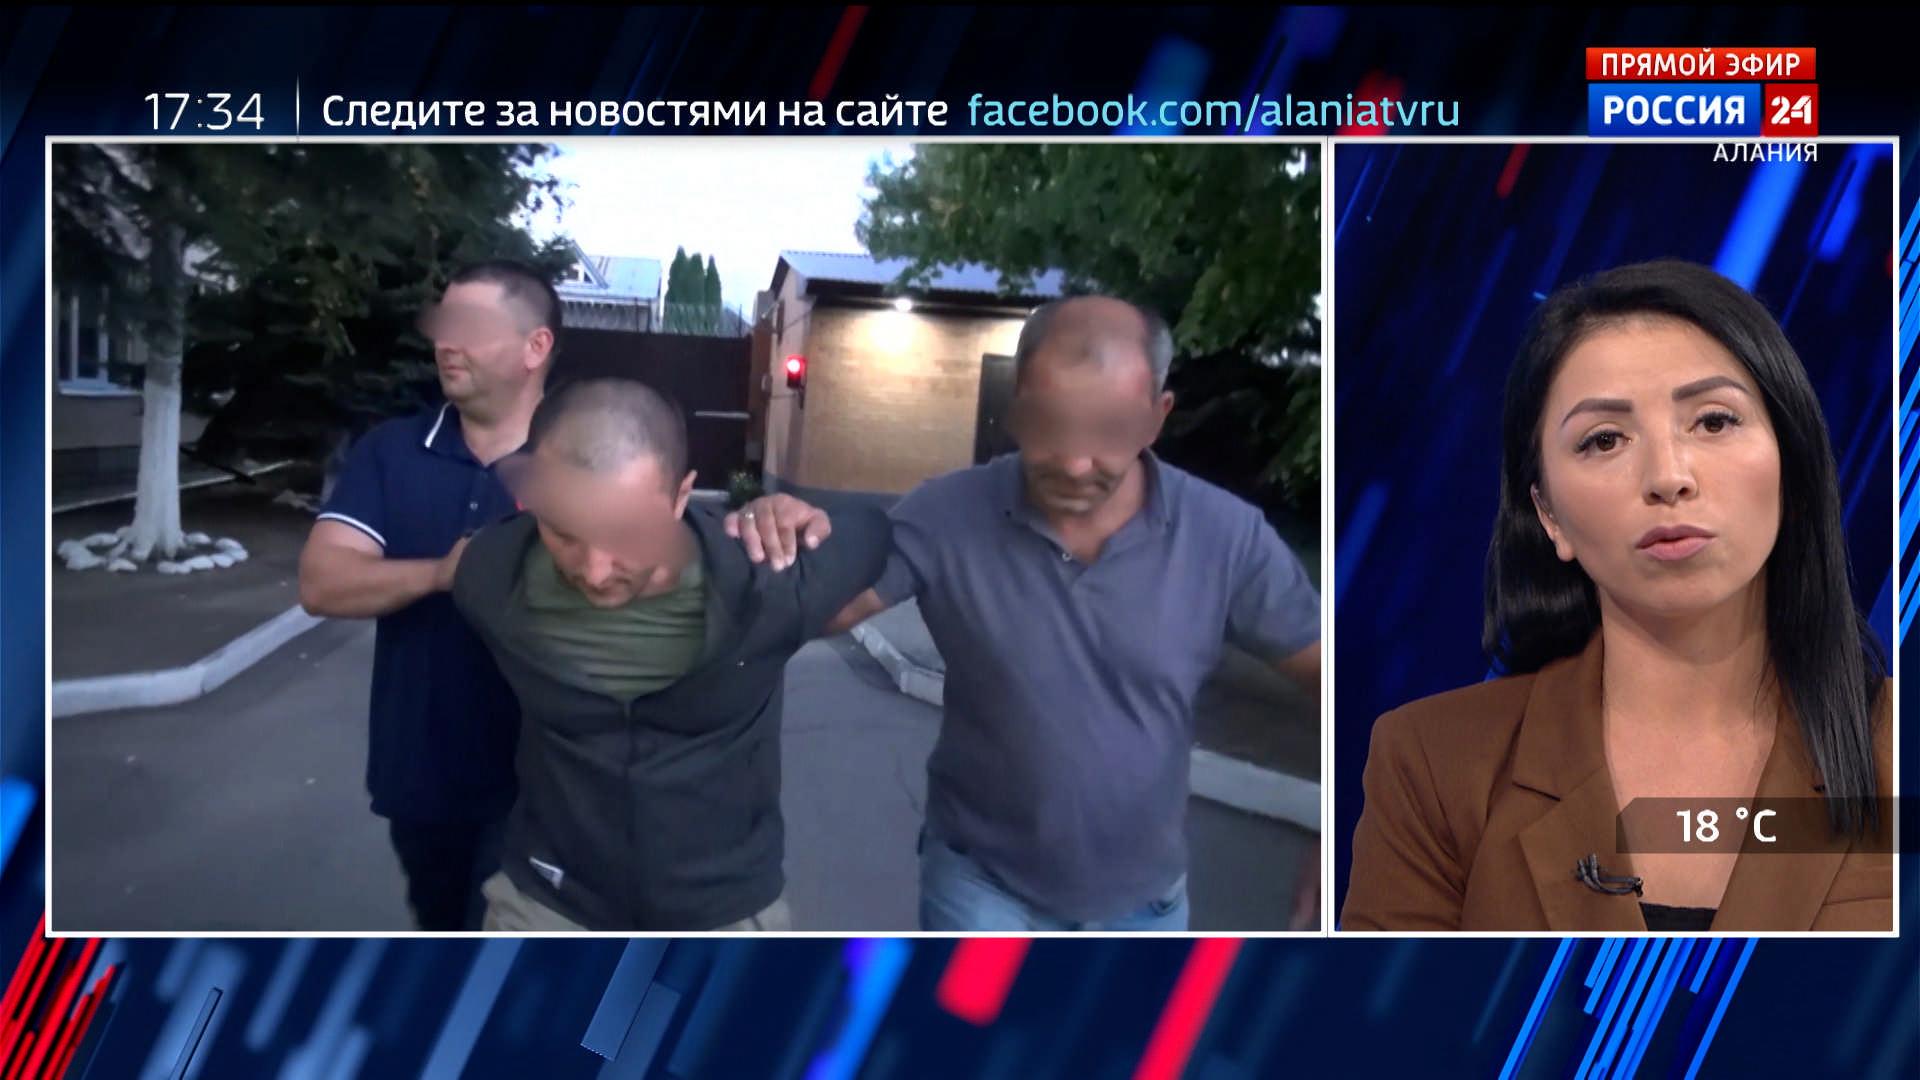 Полицейские Северной Осетии задержали подозреваемого в мошенничестве на территории соседнего региона